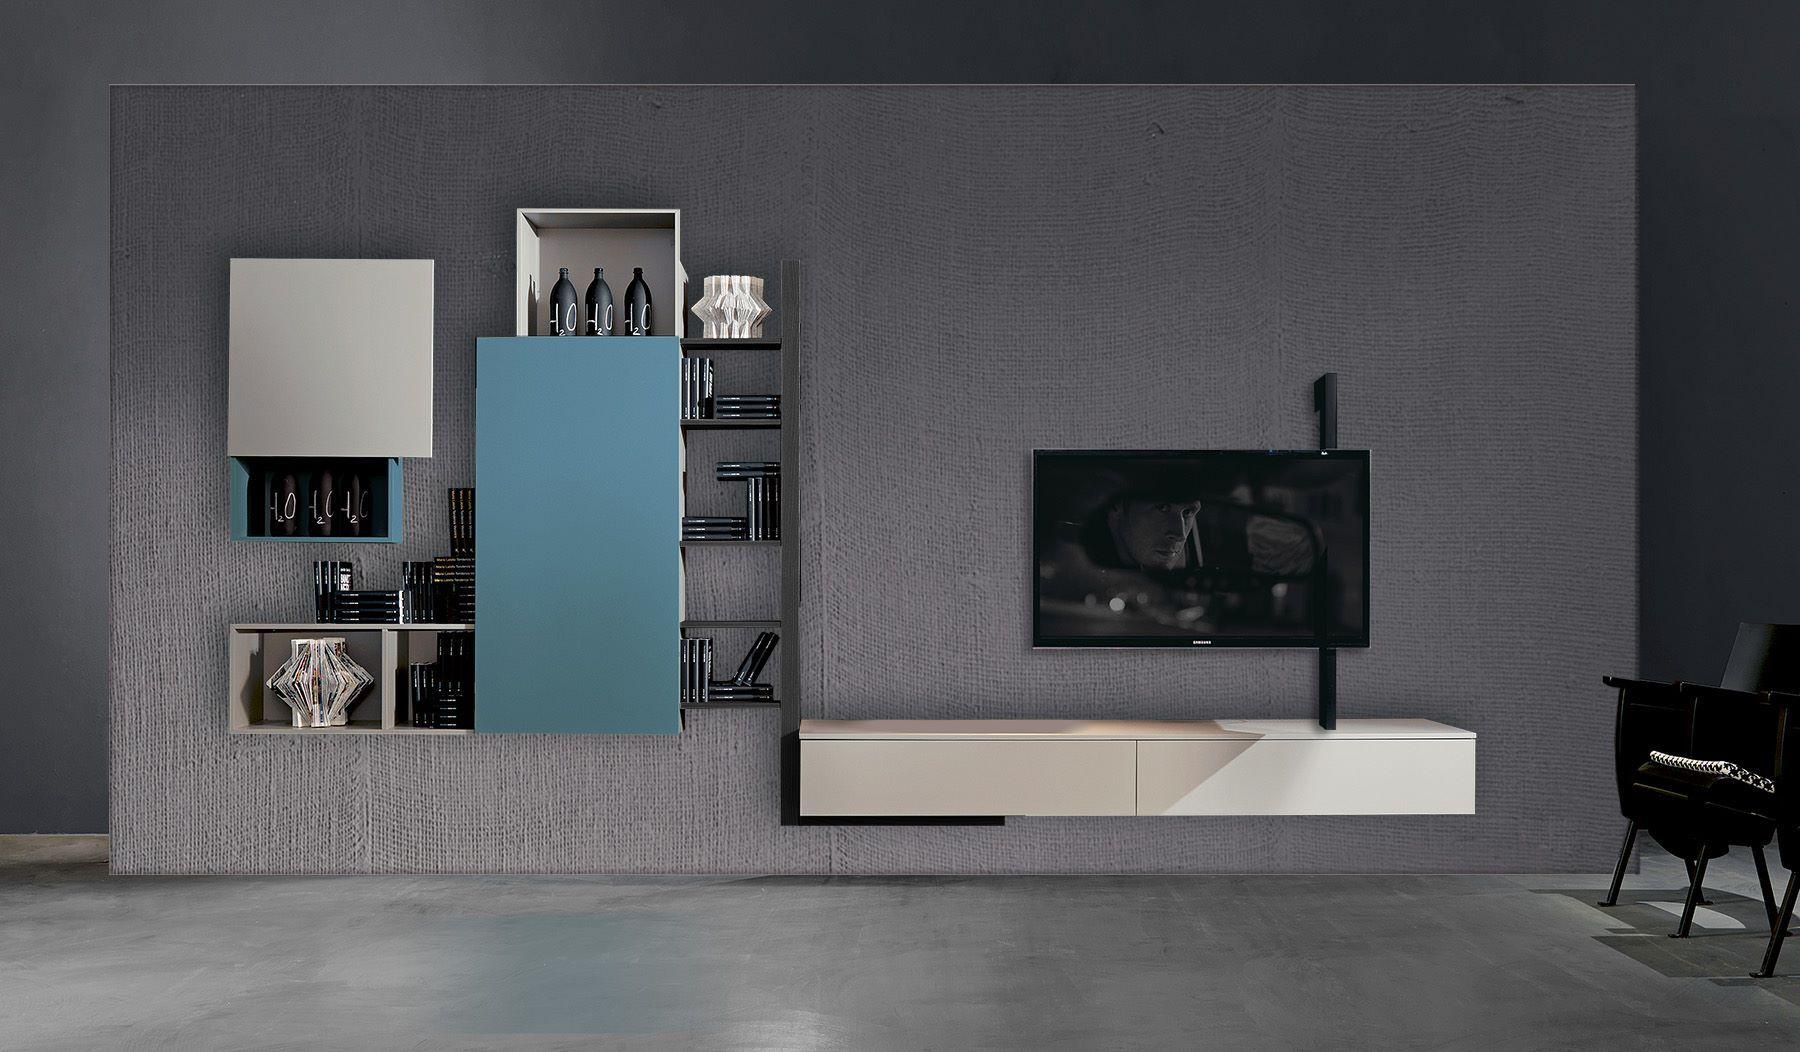 fimar mobili presenta il soggiorno da loft | porta televisione ... - Soggiorno Fimar 2